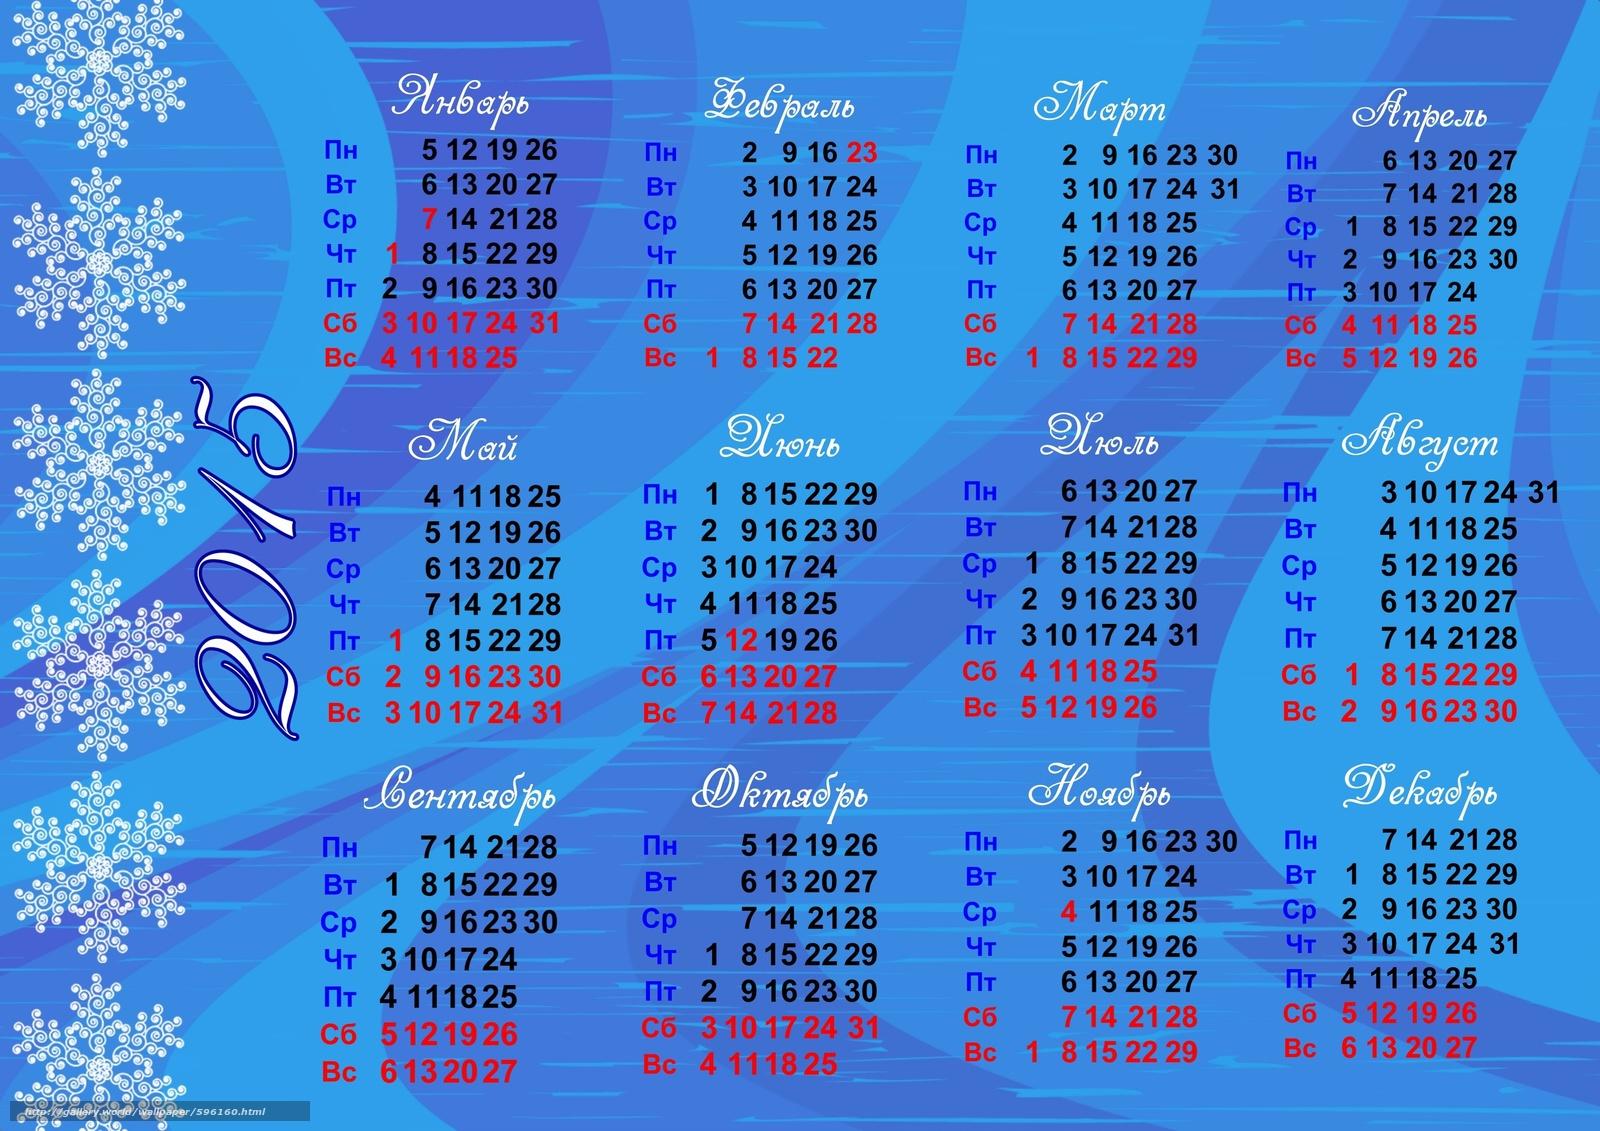 カレンダー 2015年カレンダー デスクトップ : 2015 Free Calendar Desktop Wallpaper